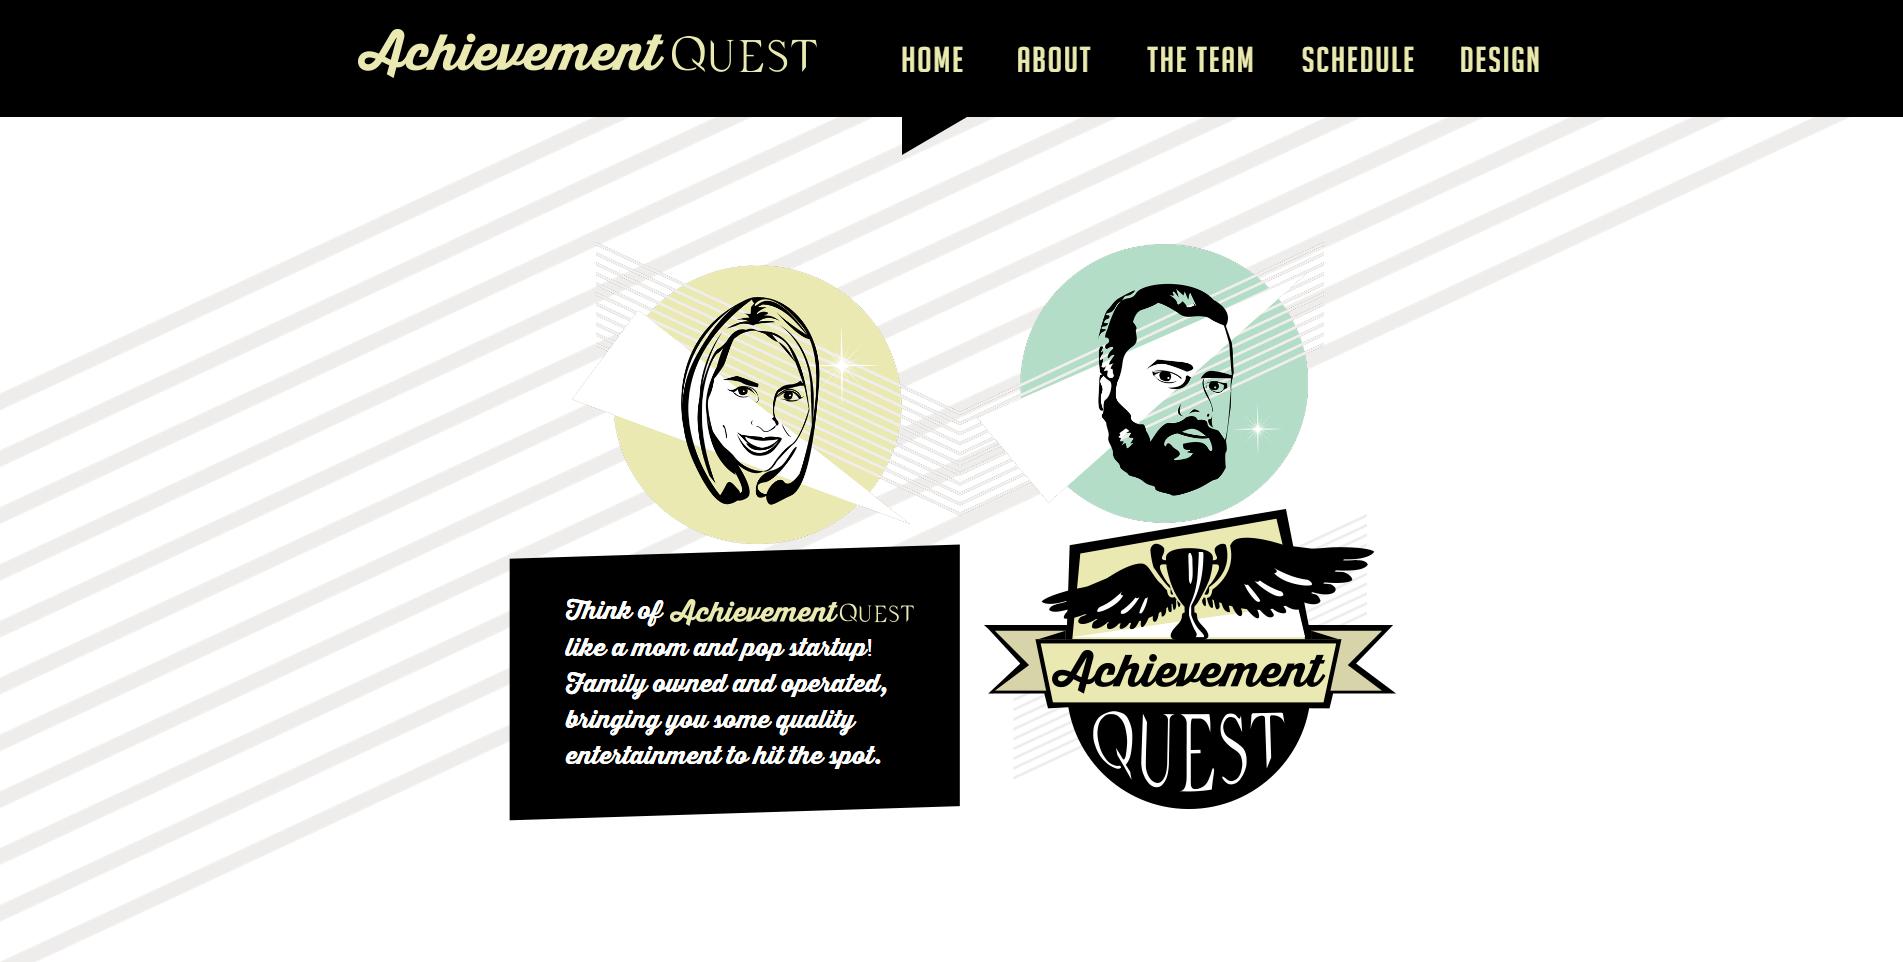 Achievement_Quest